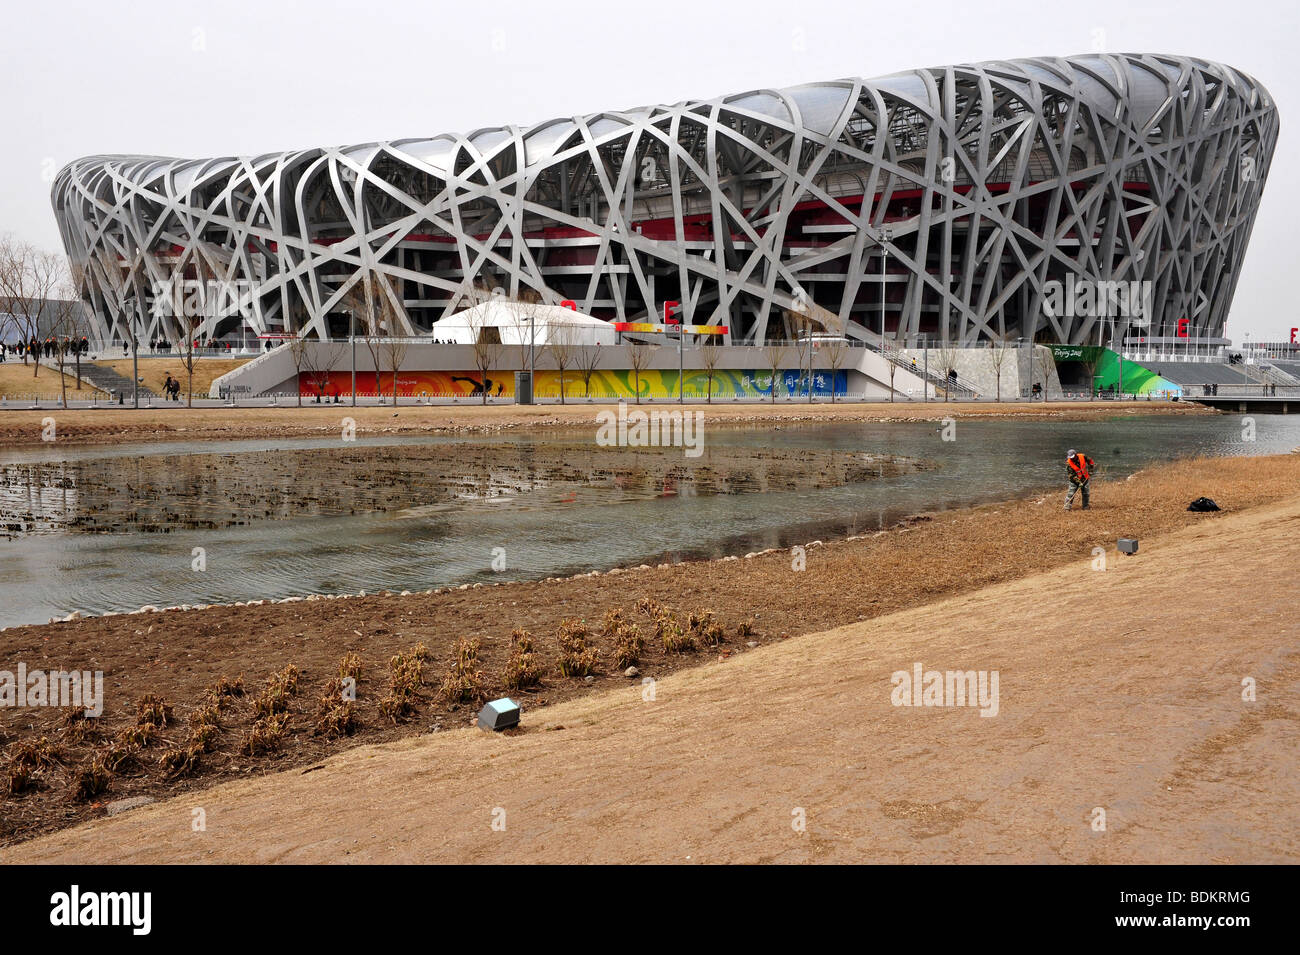 Estadio nacional verde Olímpico de China National Aquatics Centre 2008 Juegos Olímpicos de Verano en Beijing China Foto de stock